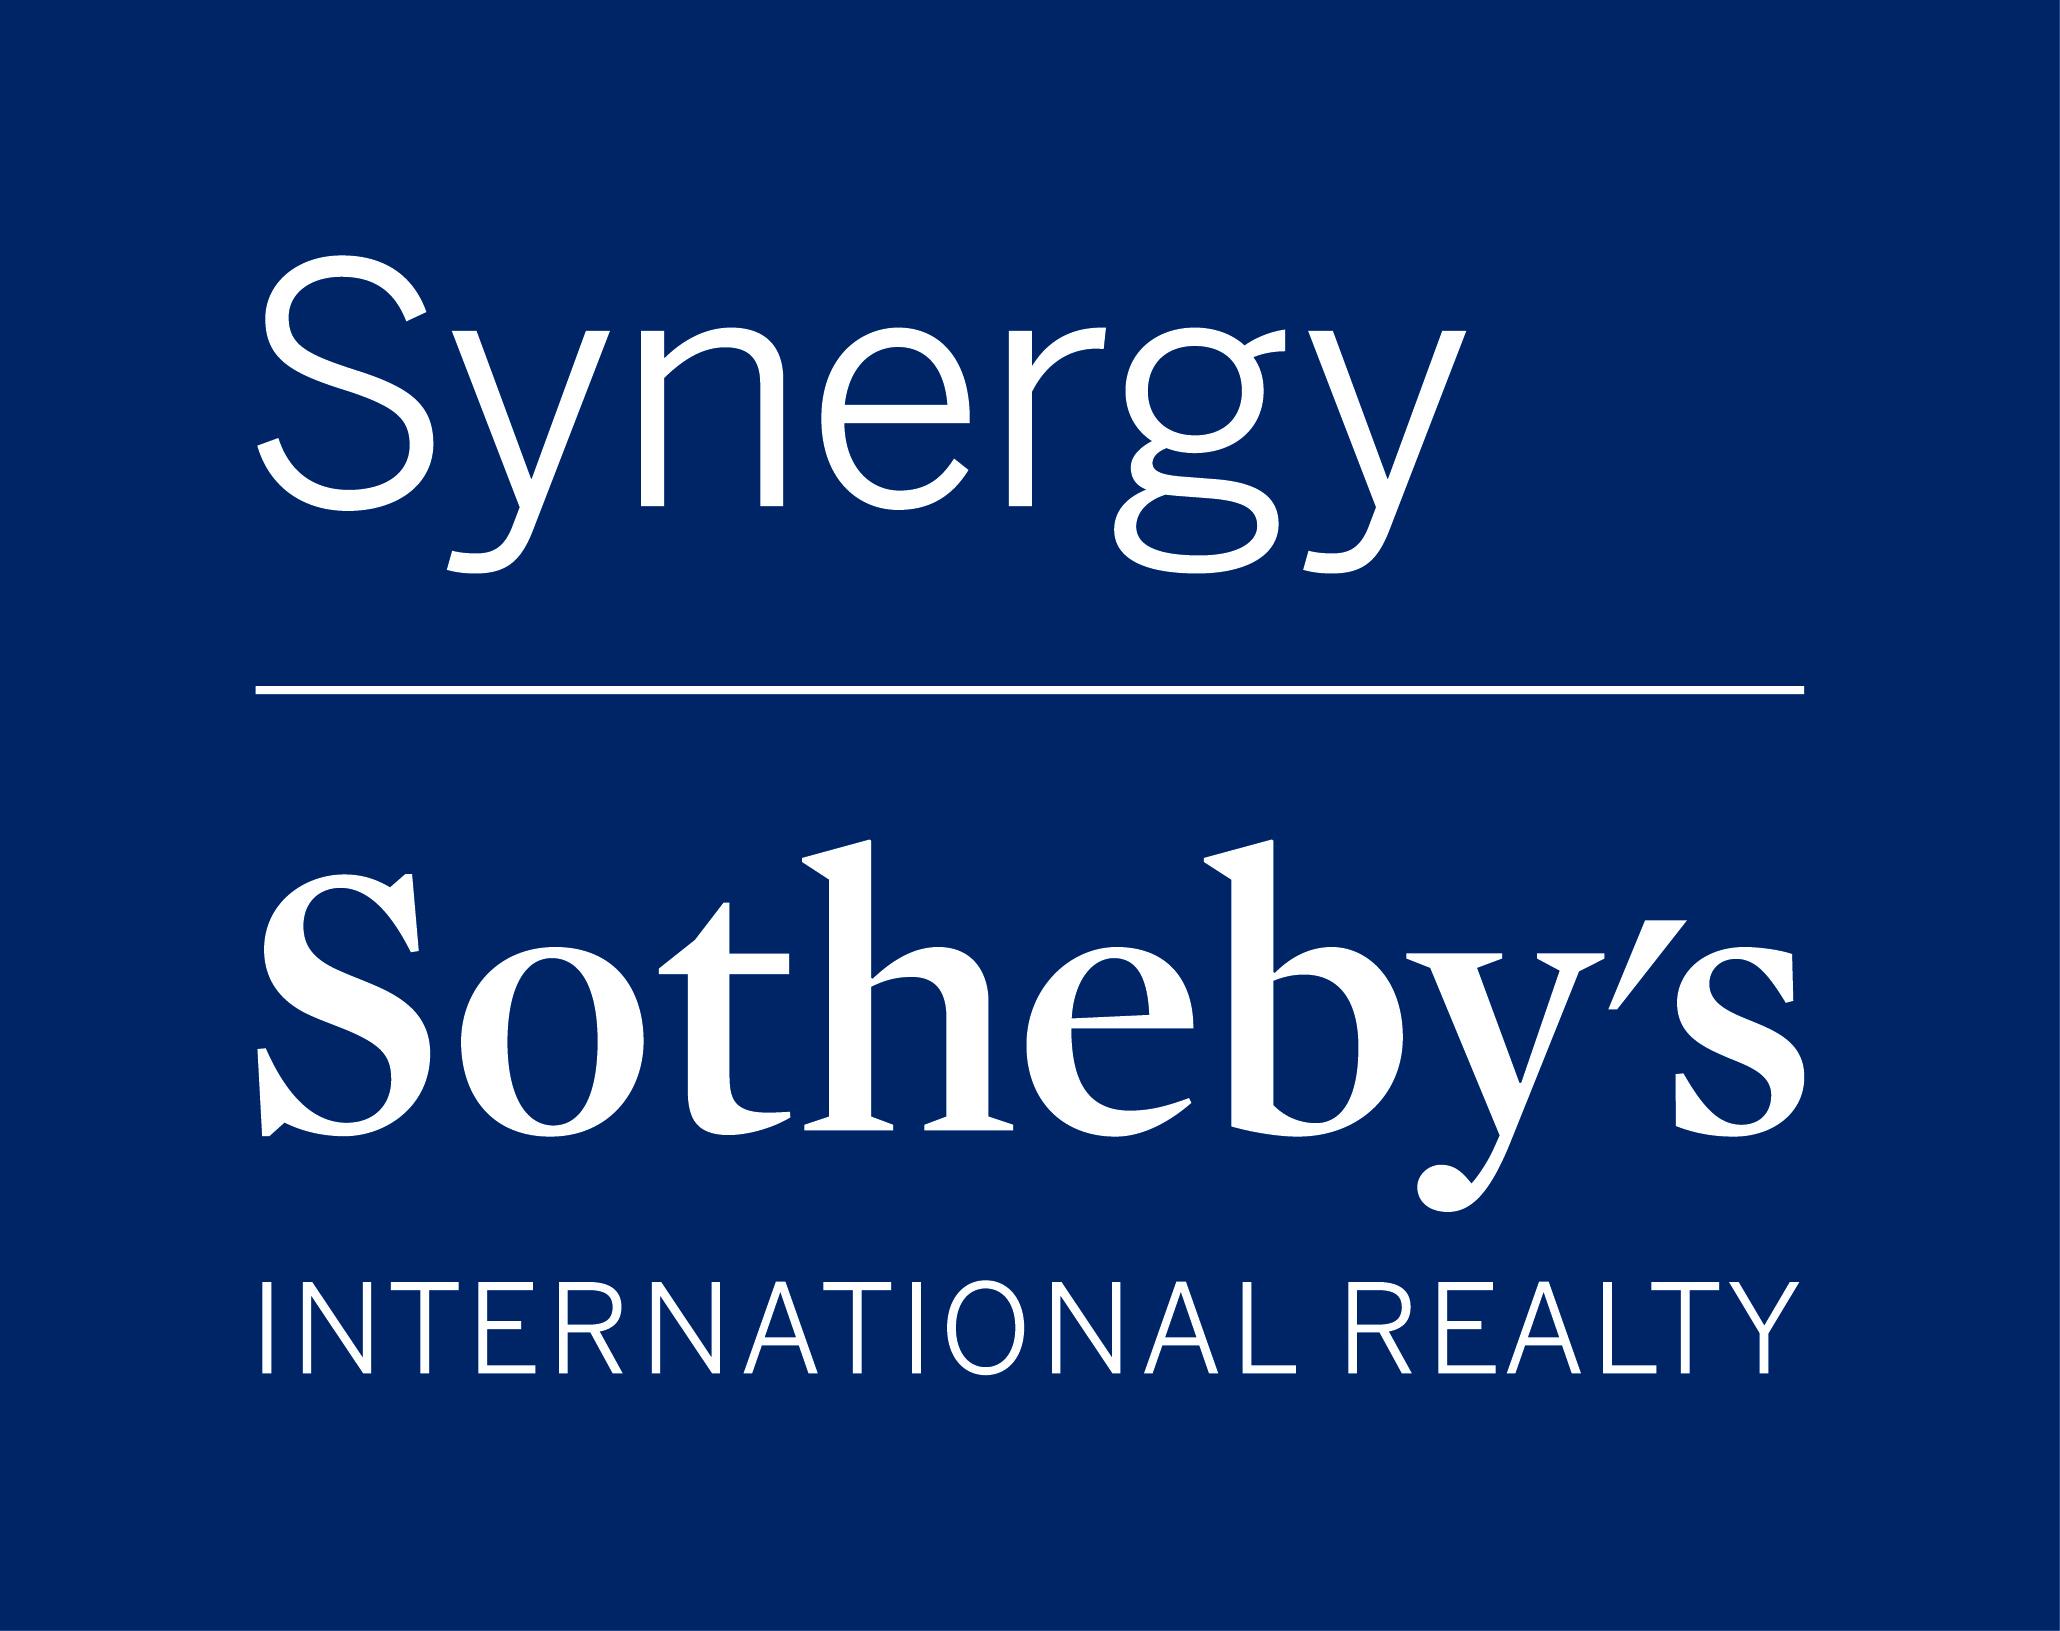 Synergy_VertWB.jpg